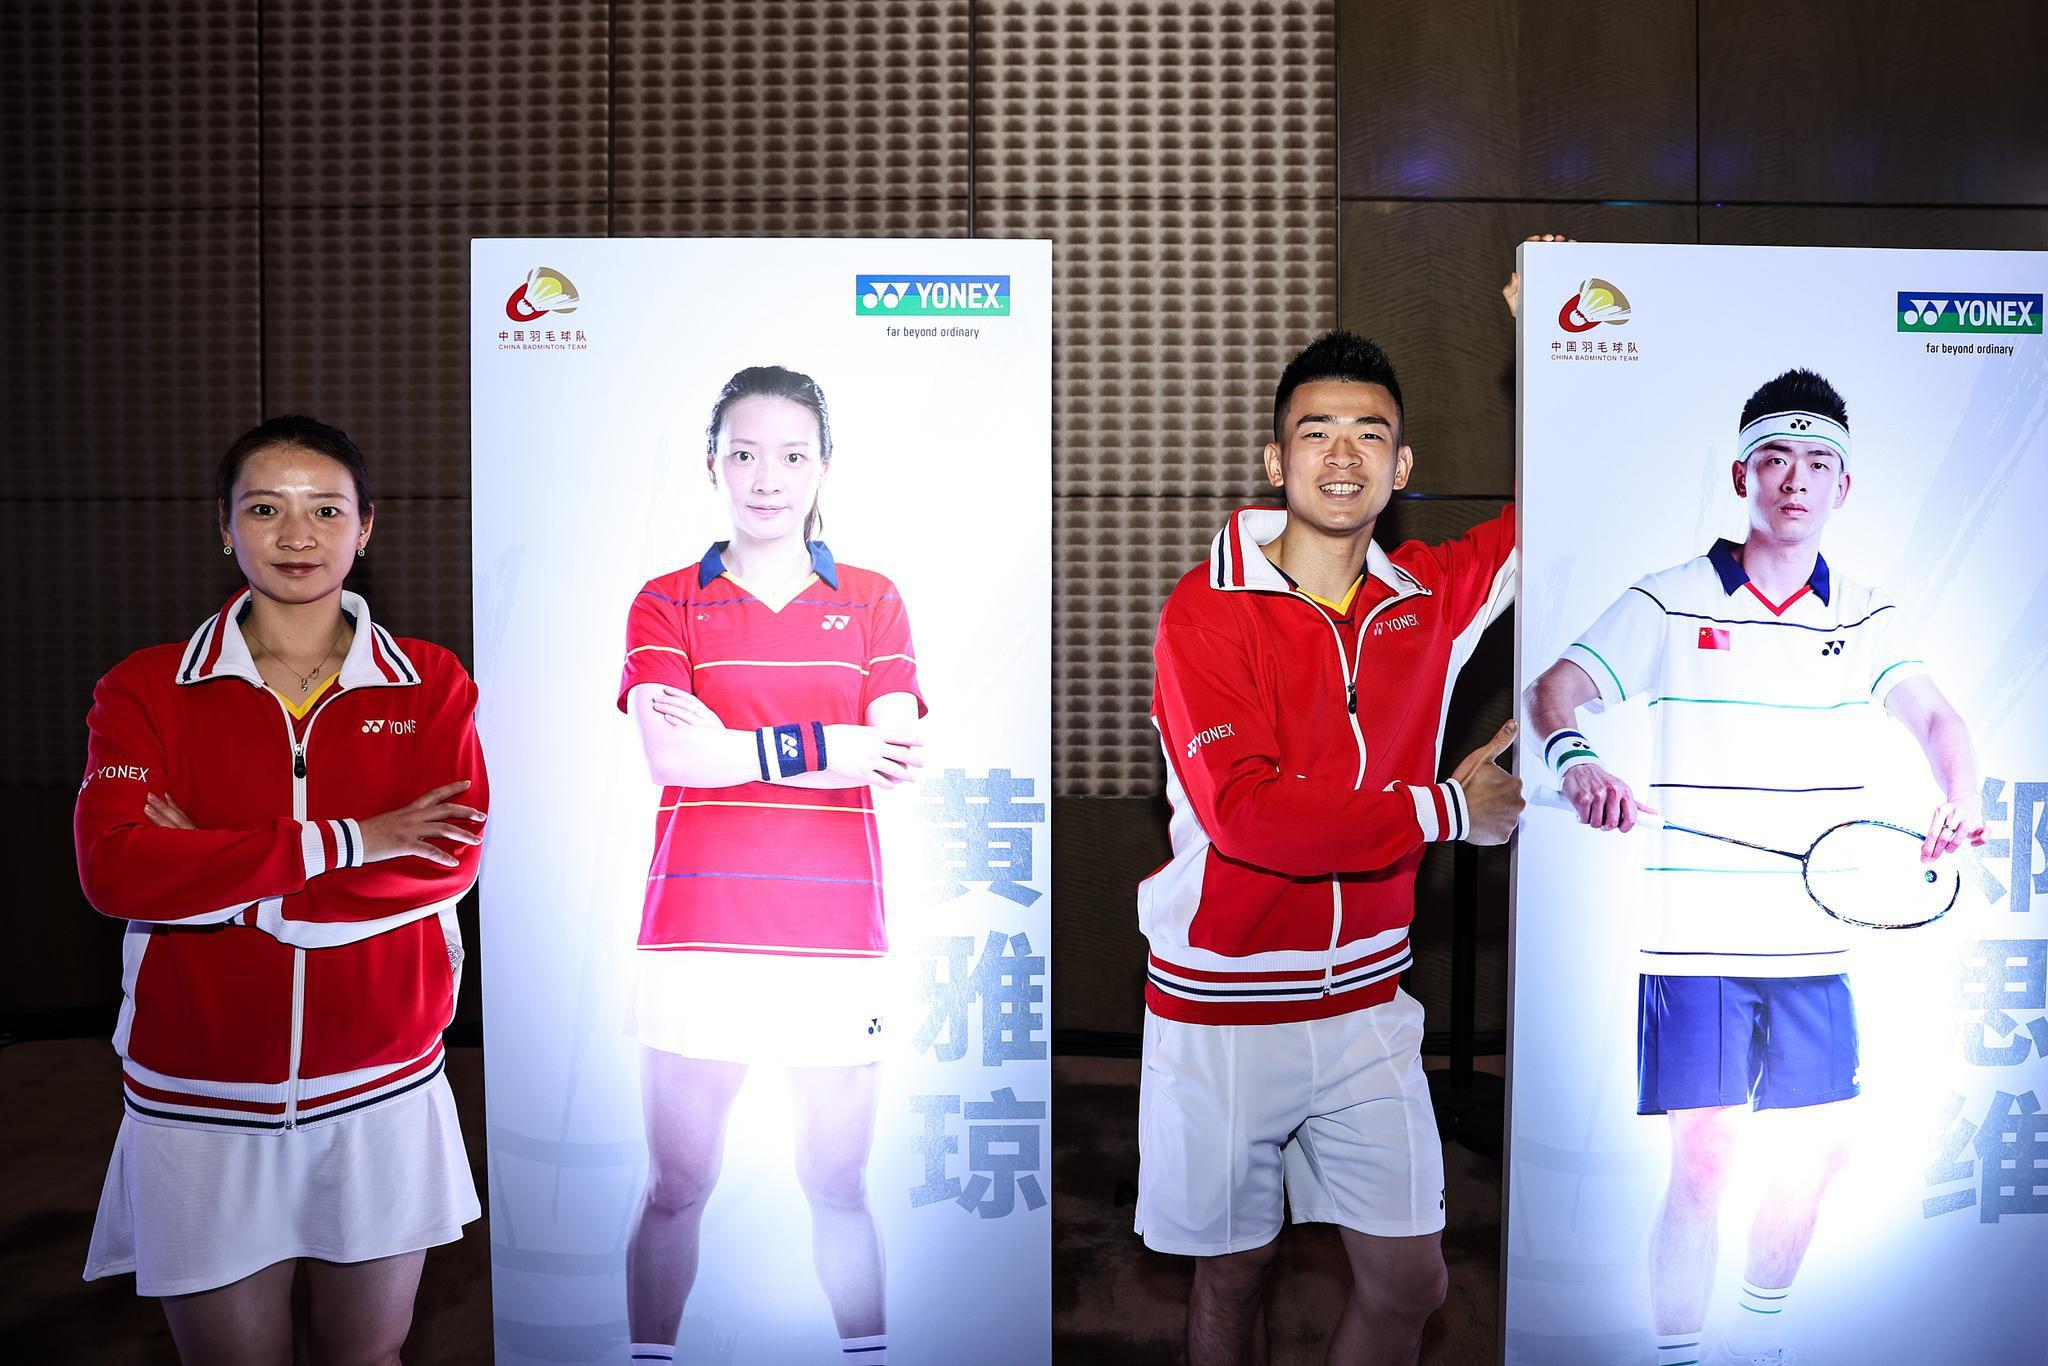 张军:不担心国羽缺少比赛,通过录像研究对手